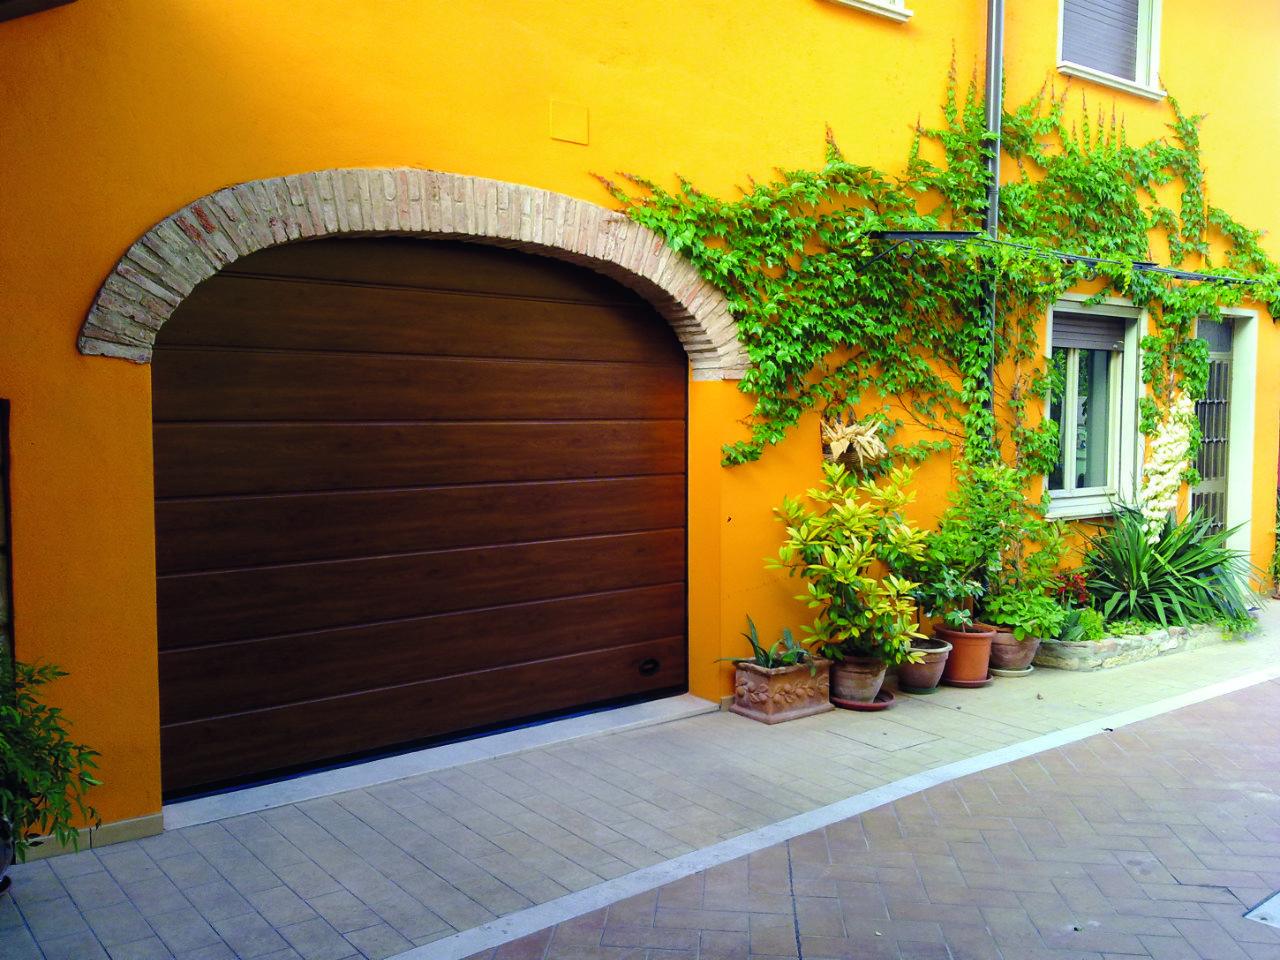 Sezionale quercia scura su parete aranzione con archetto di mattoni